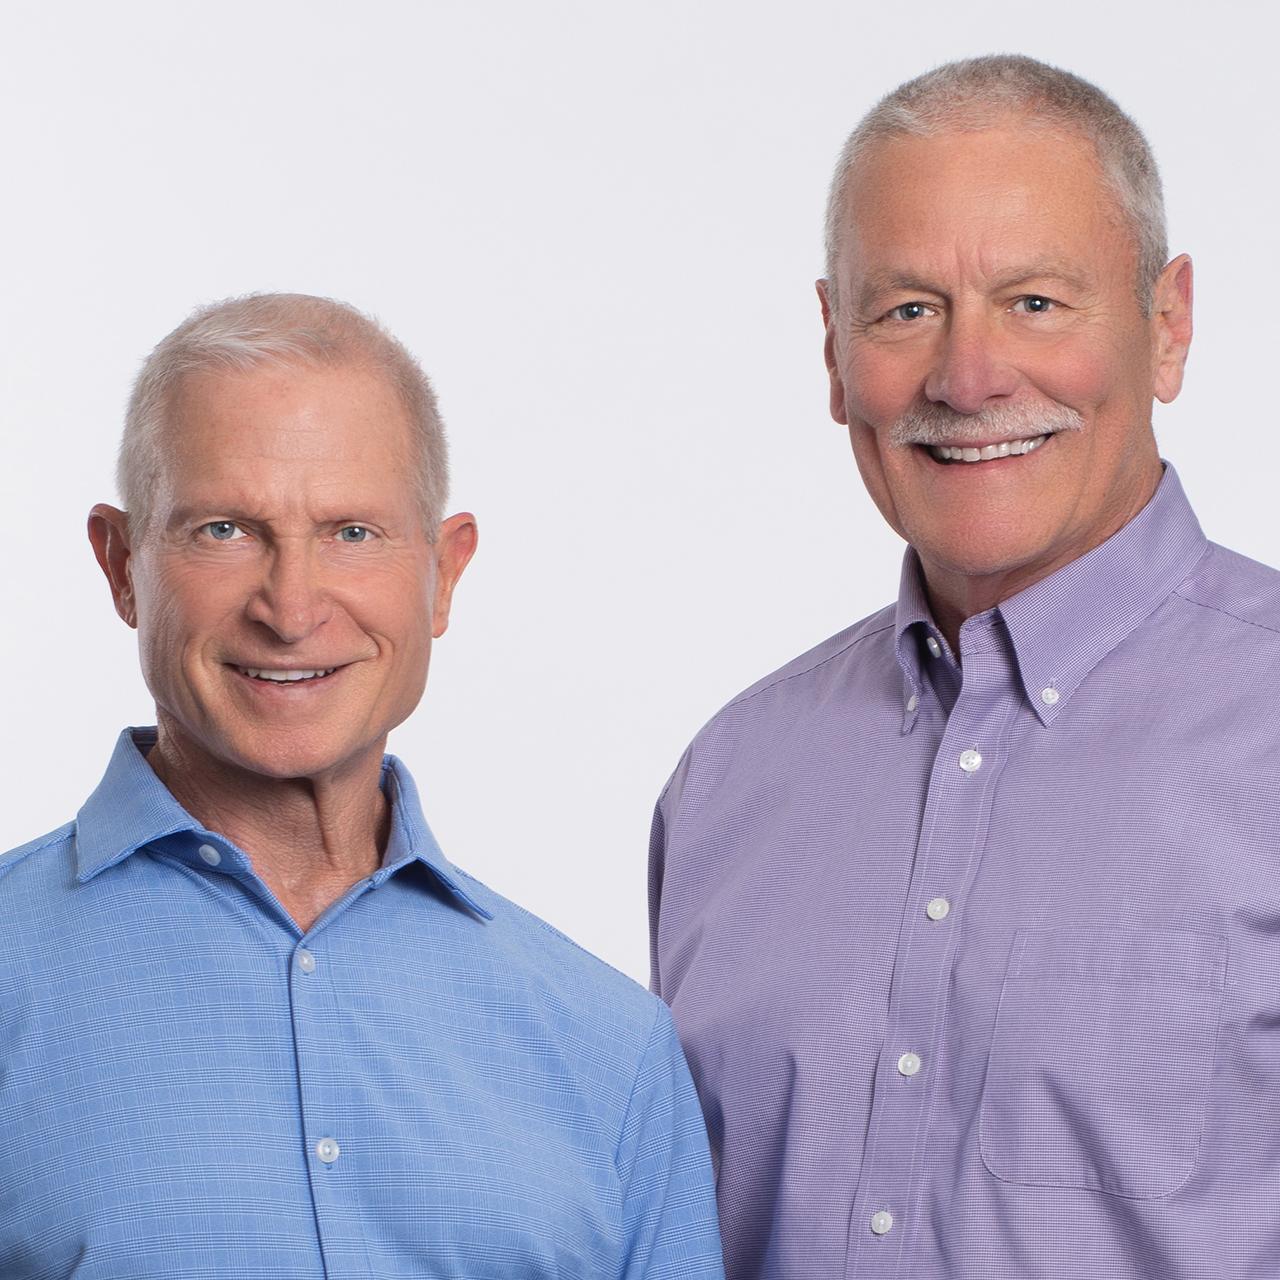 The Keith Kropp & Wayne Rogers Team